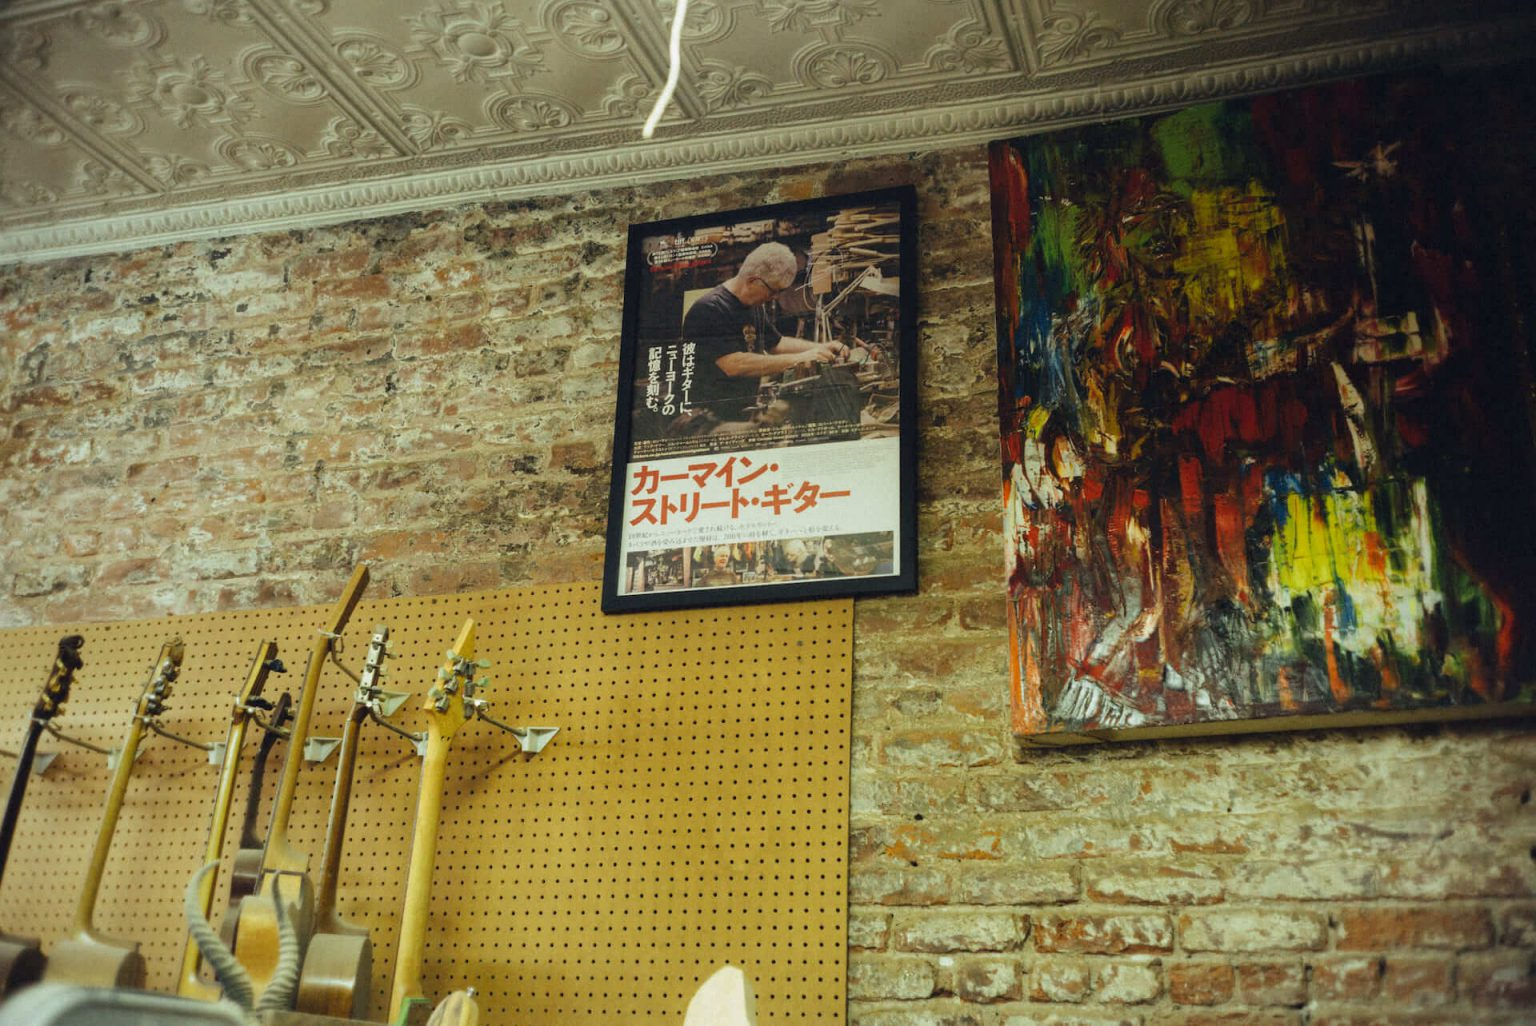 15_3820_AT_CarmineStreetGuitars-1440x962 歴史が染みついた建築物でギターを作る「Carmine Street Guitars」ギター職人の工房と、シティの限られた行き先